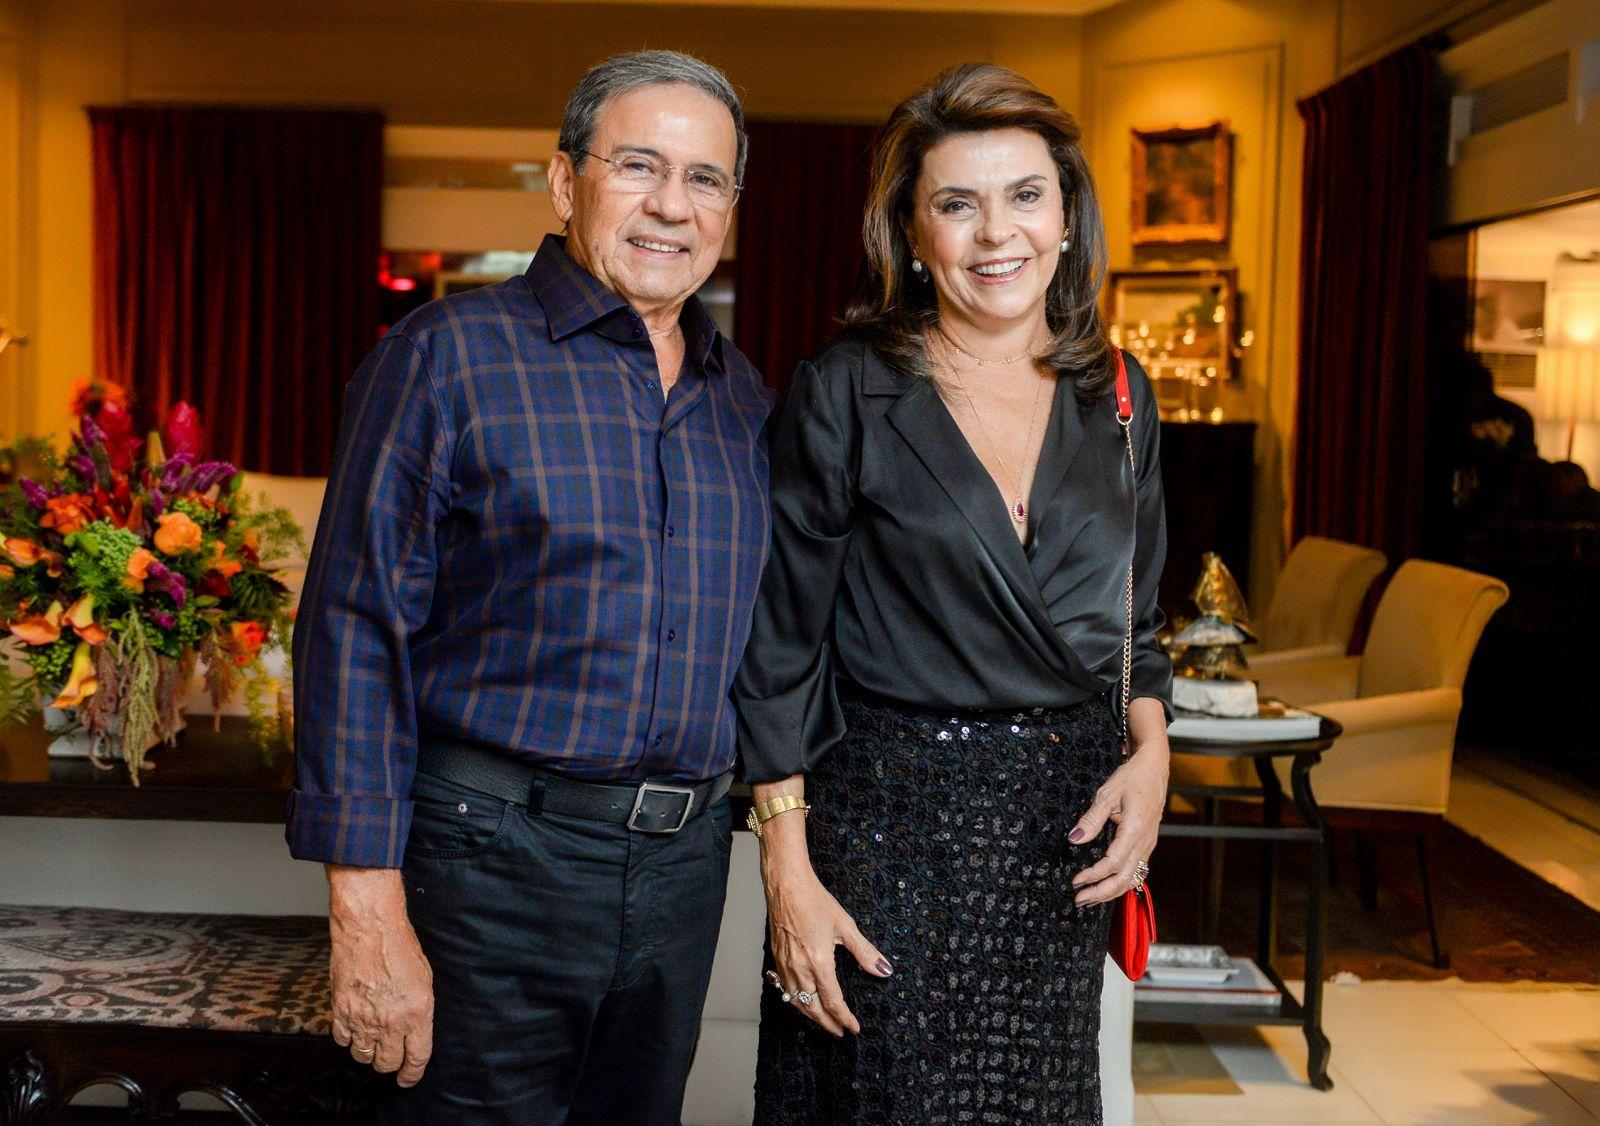 Liége e Márcio Brito é o casal destaque de hoje 12 de abril de 2019